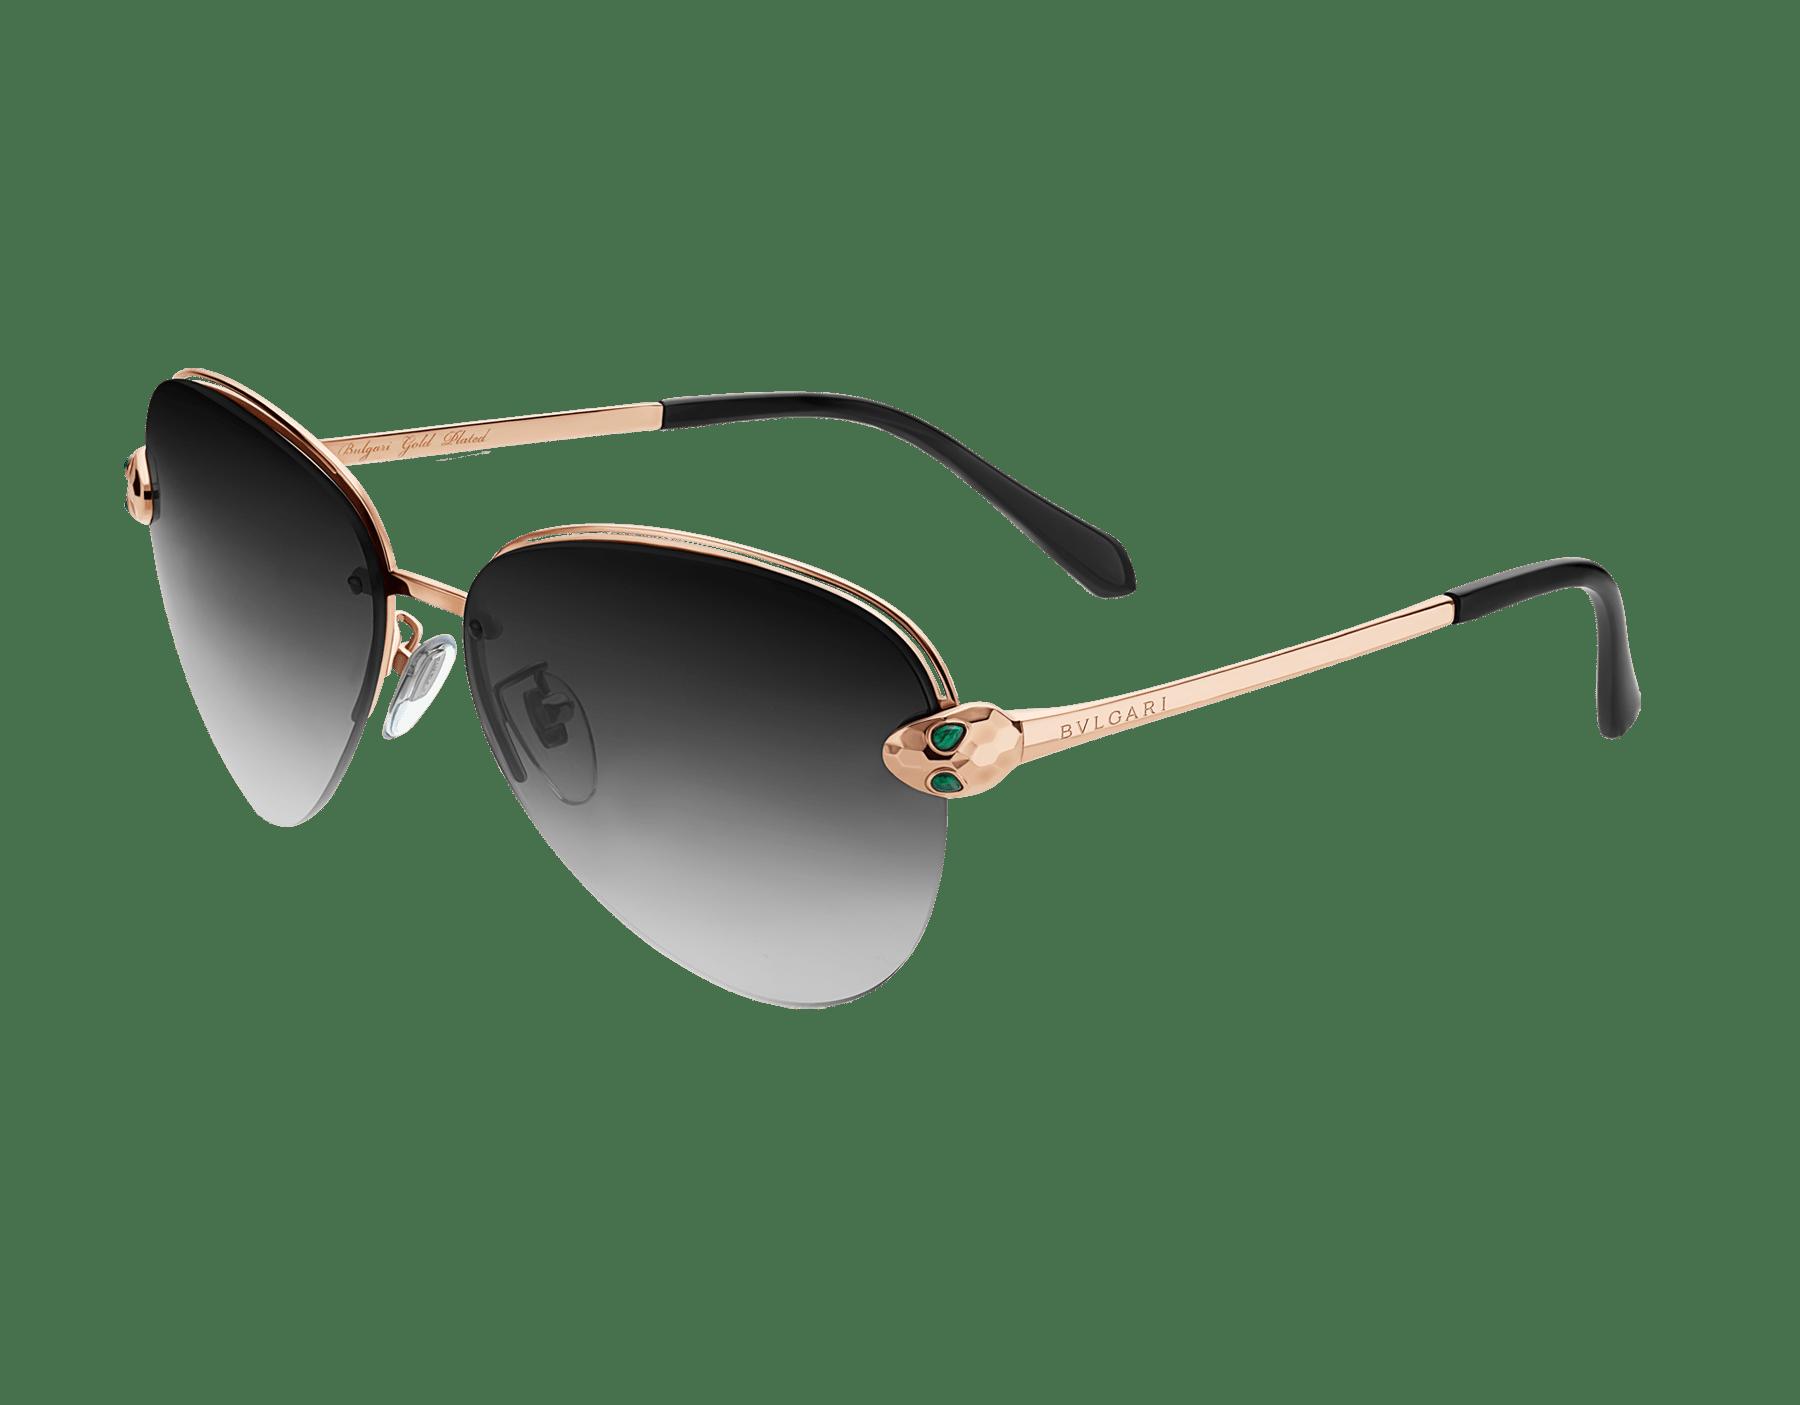 Vergoldete Bvlgari Le Gemme Piloten-Sonnenbrille mit einem Serpenti Schmuckdekor mit Malachit. 903841 image 1